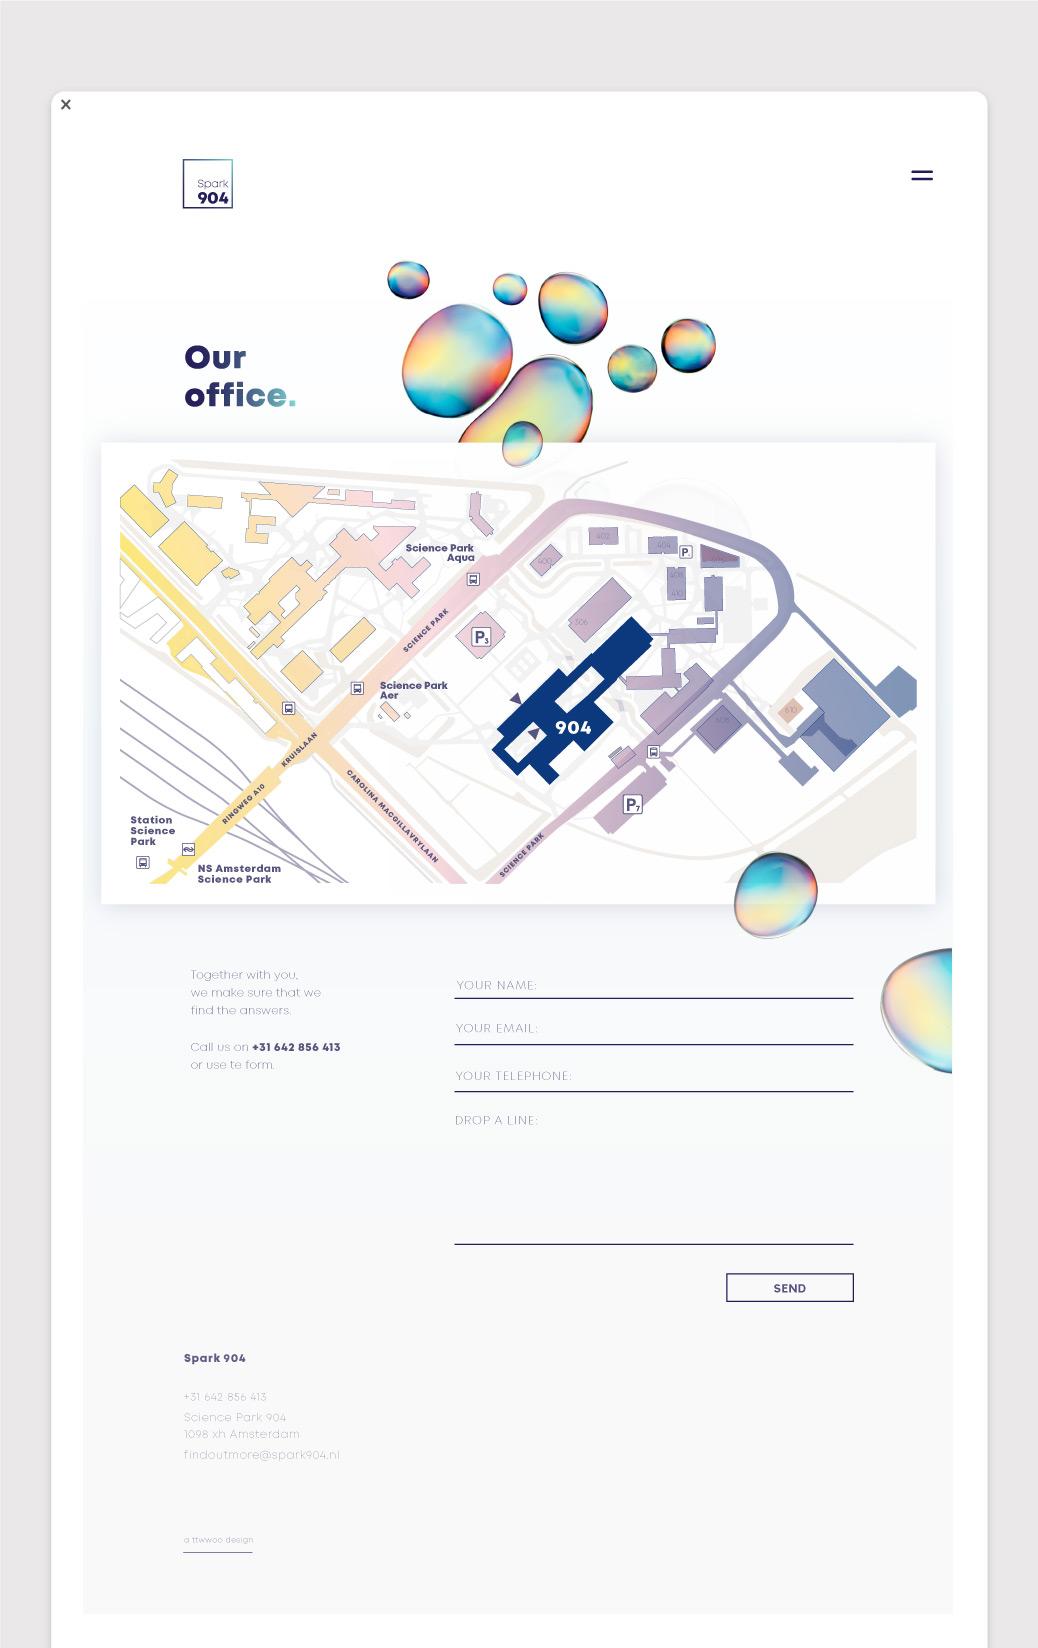 webdesign spark 904 plattegrond map contact ontwerp